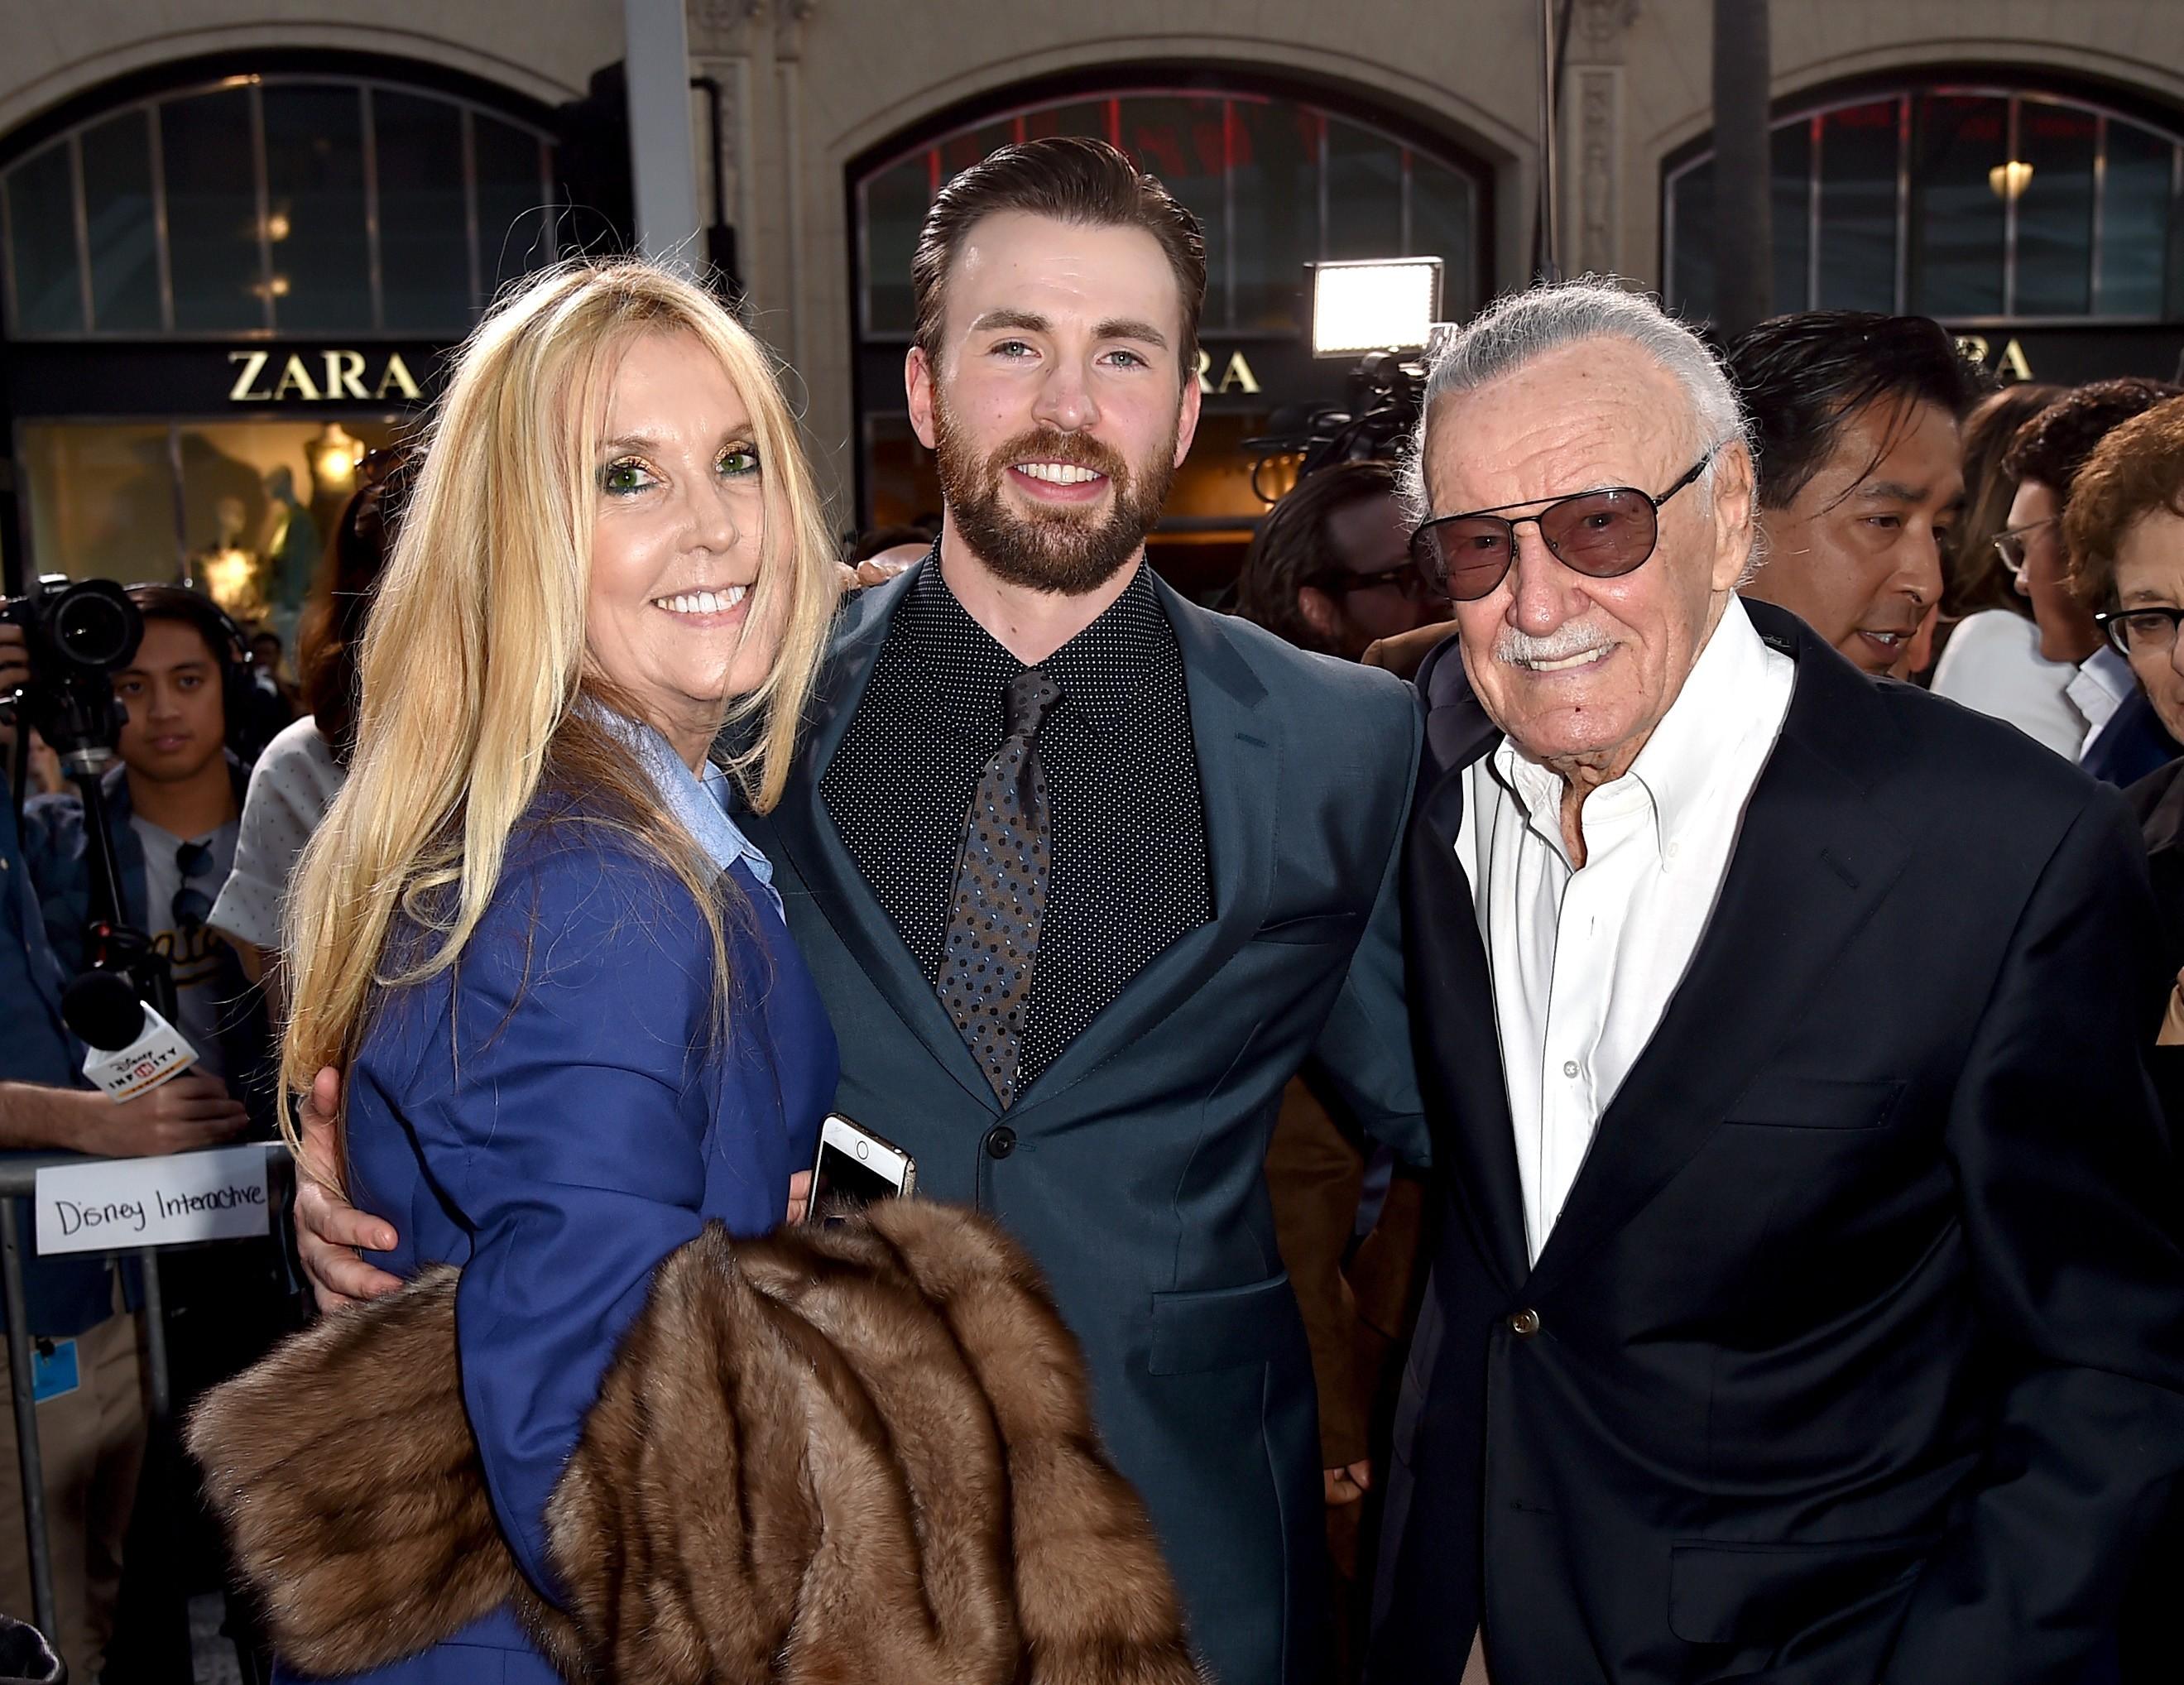 O quadrinista Stan Lee com a filha e o ator Chris Evans, intérprete do herói Capitão América (Foto: Getty Images)